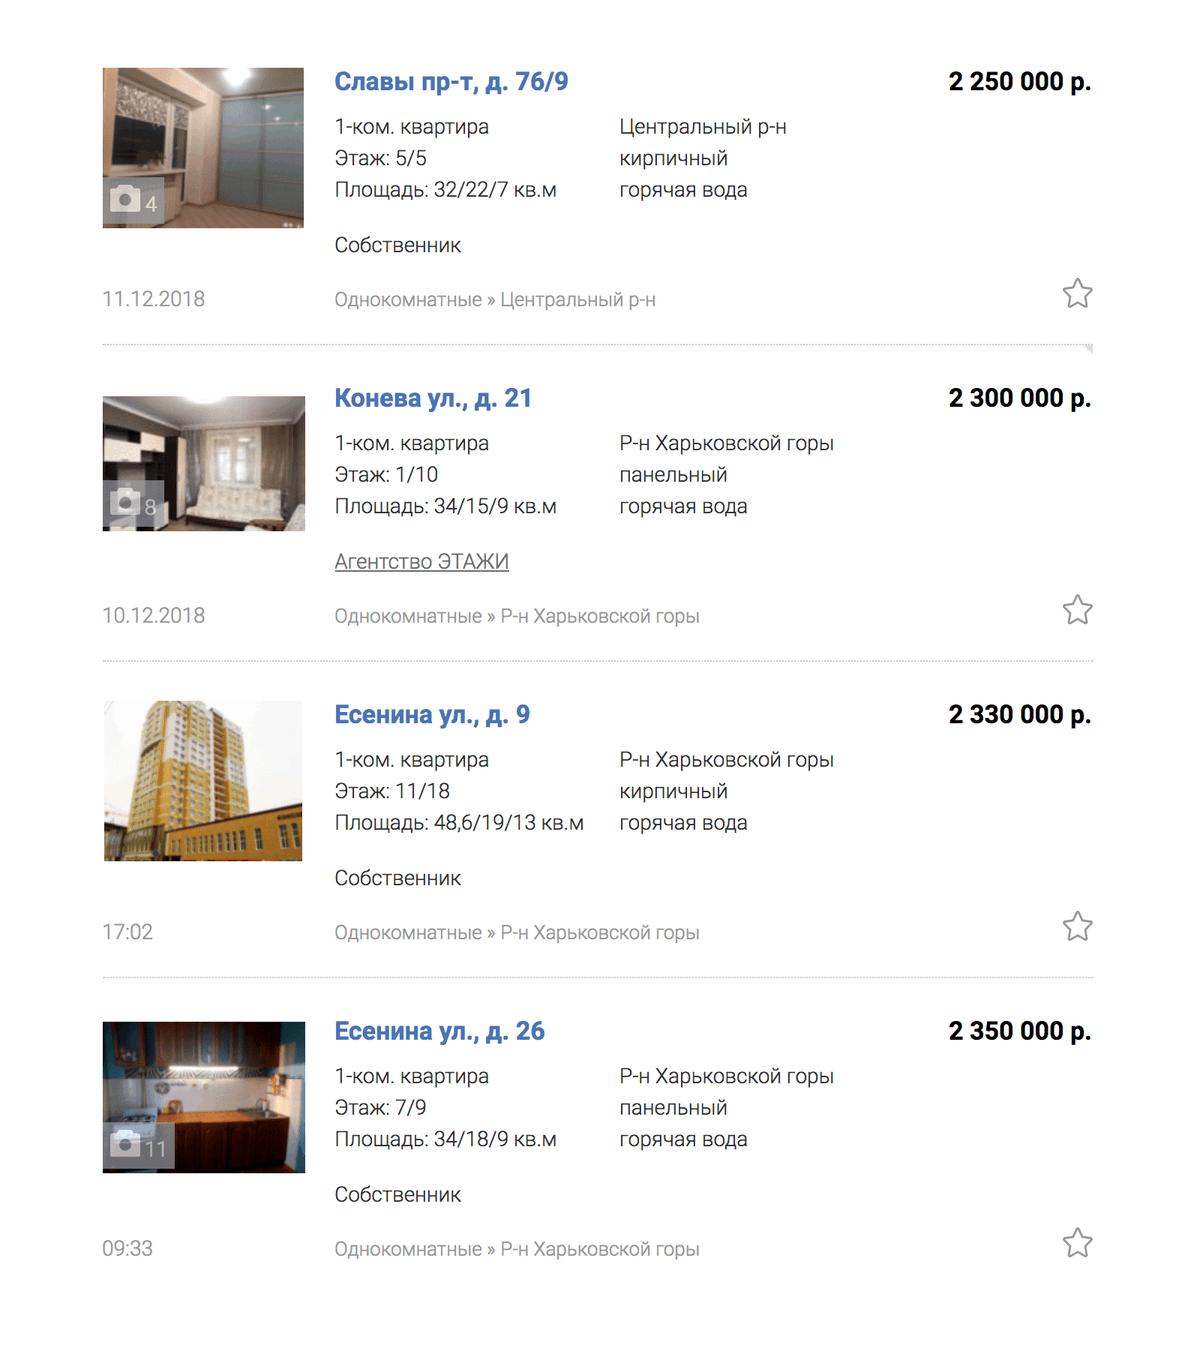 Цены на однокомнатные квартиры на сайте газеты «Моя реклама» начинаются от 2,2 млн рублей